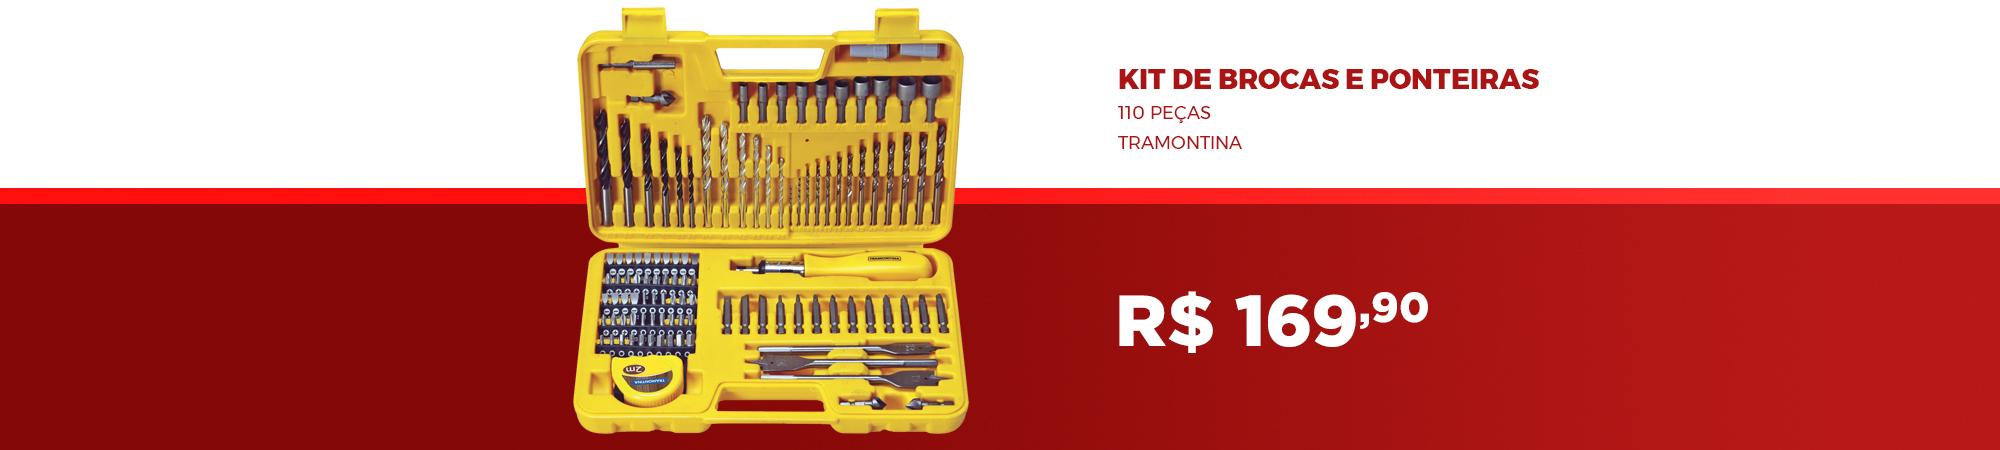 kittramontina